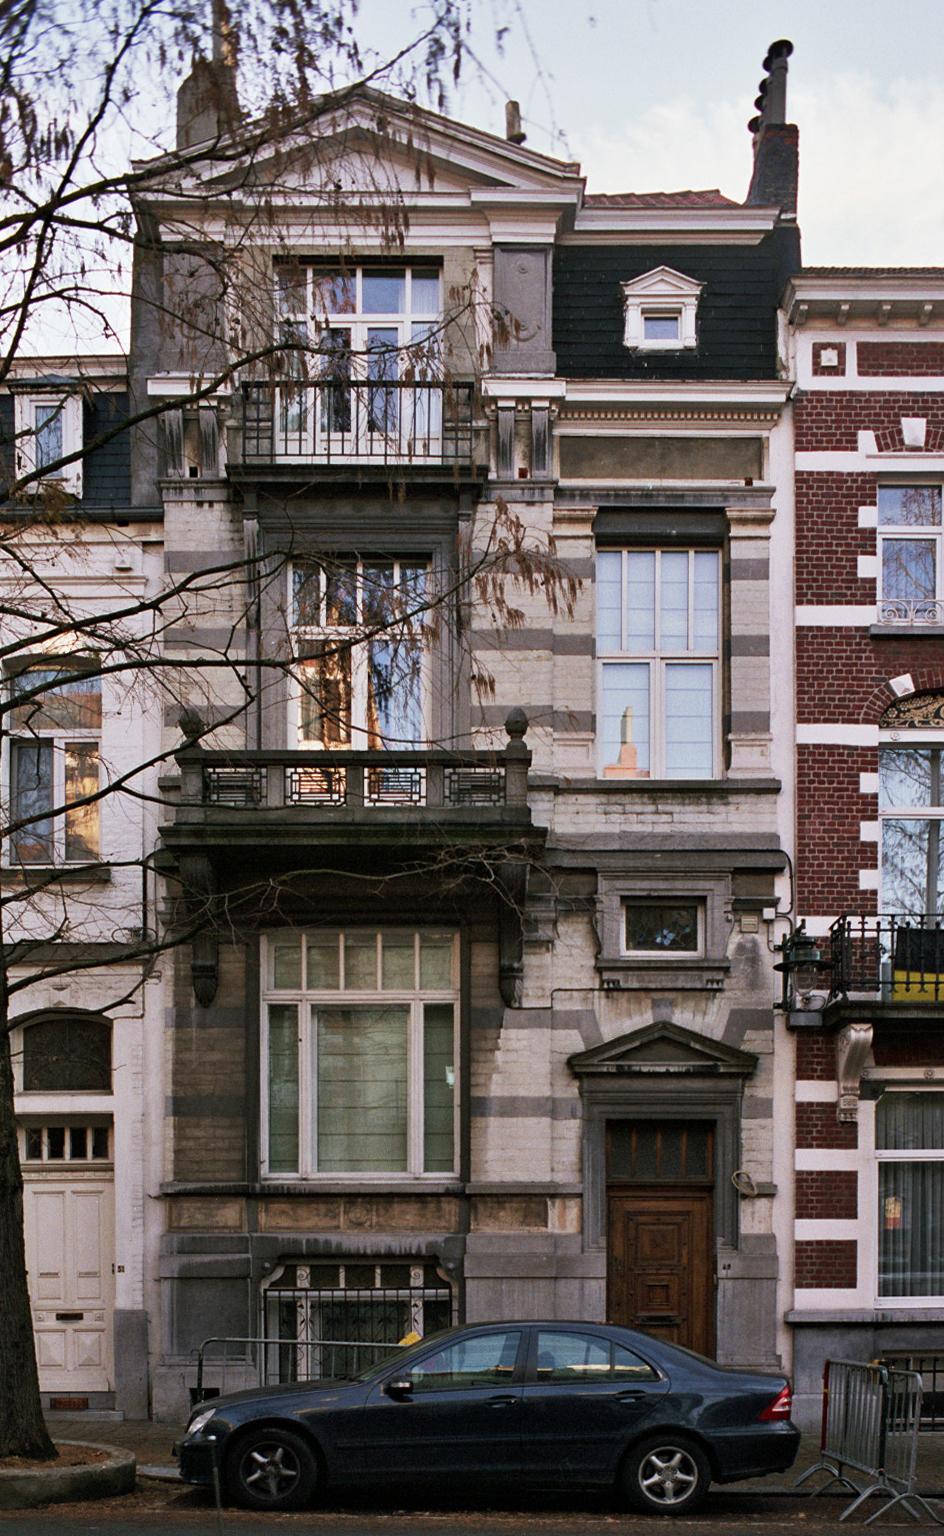 Bruxelles extension est avenue de la braban onne 49 for Rue joseph dujardin 8 anderlecht